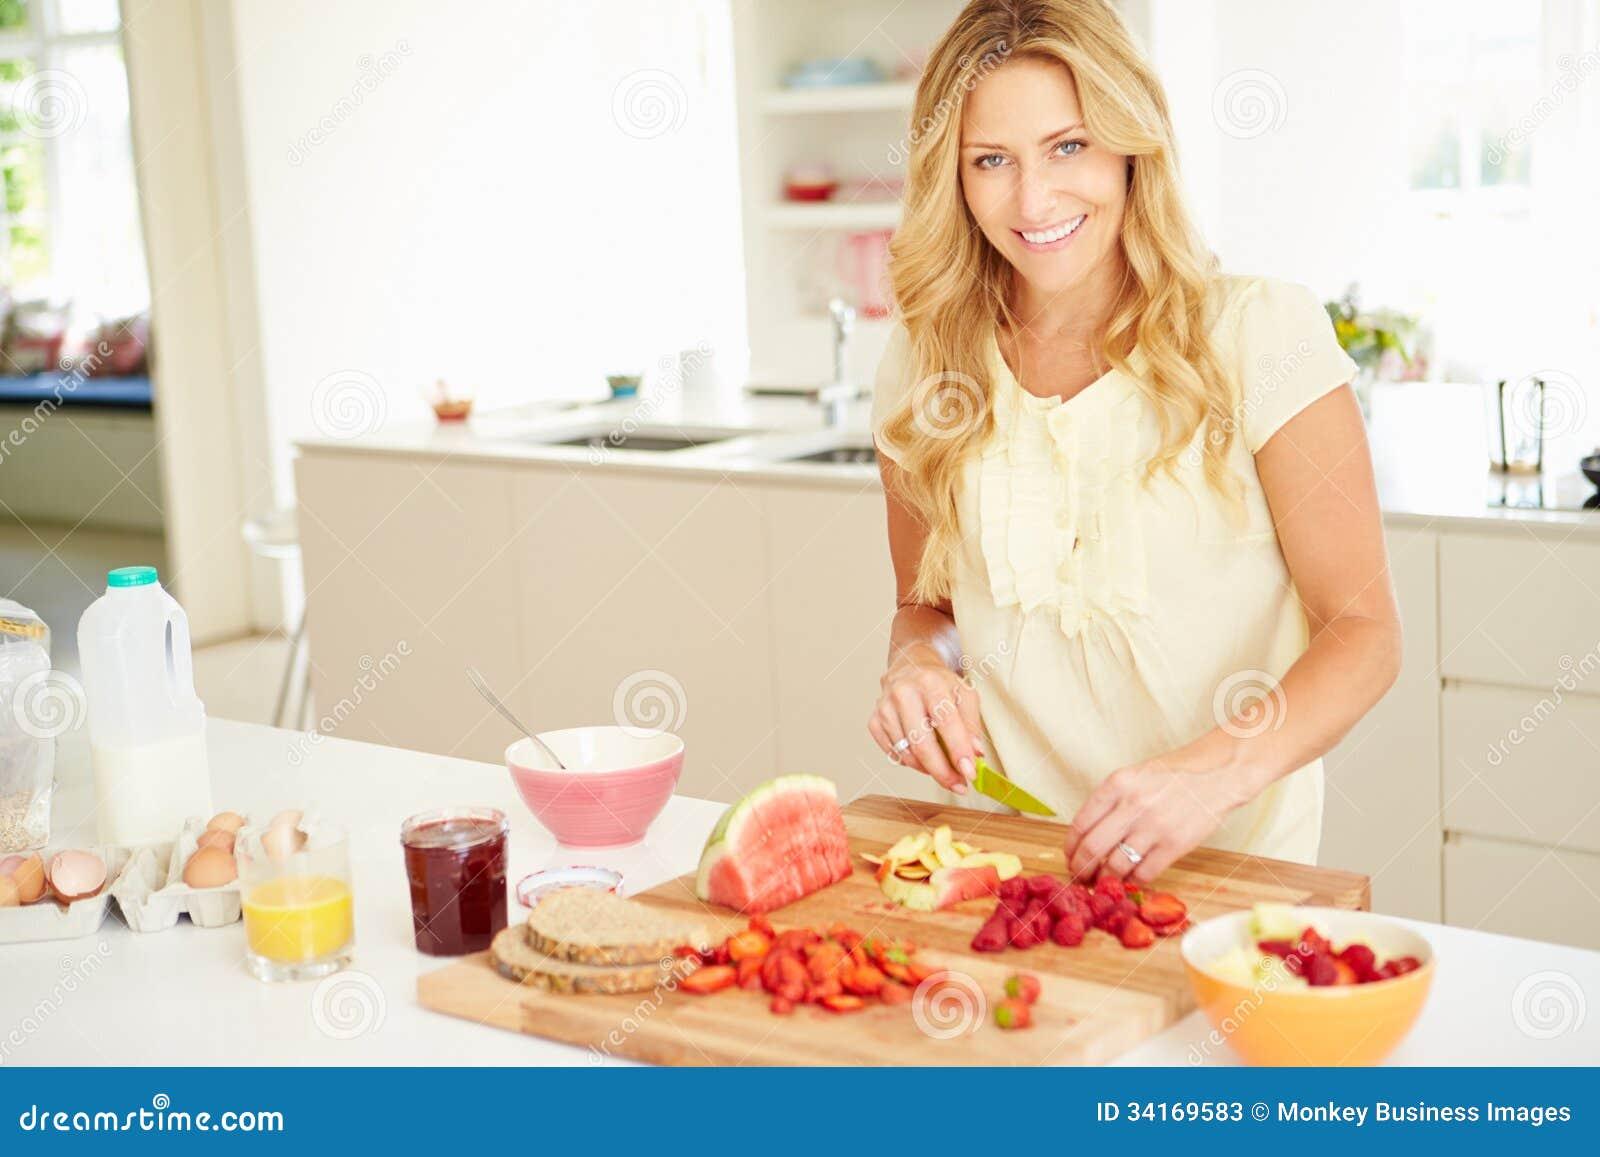 Frau, die gesundes Frühstück in der Küche zubereitet